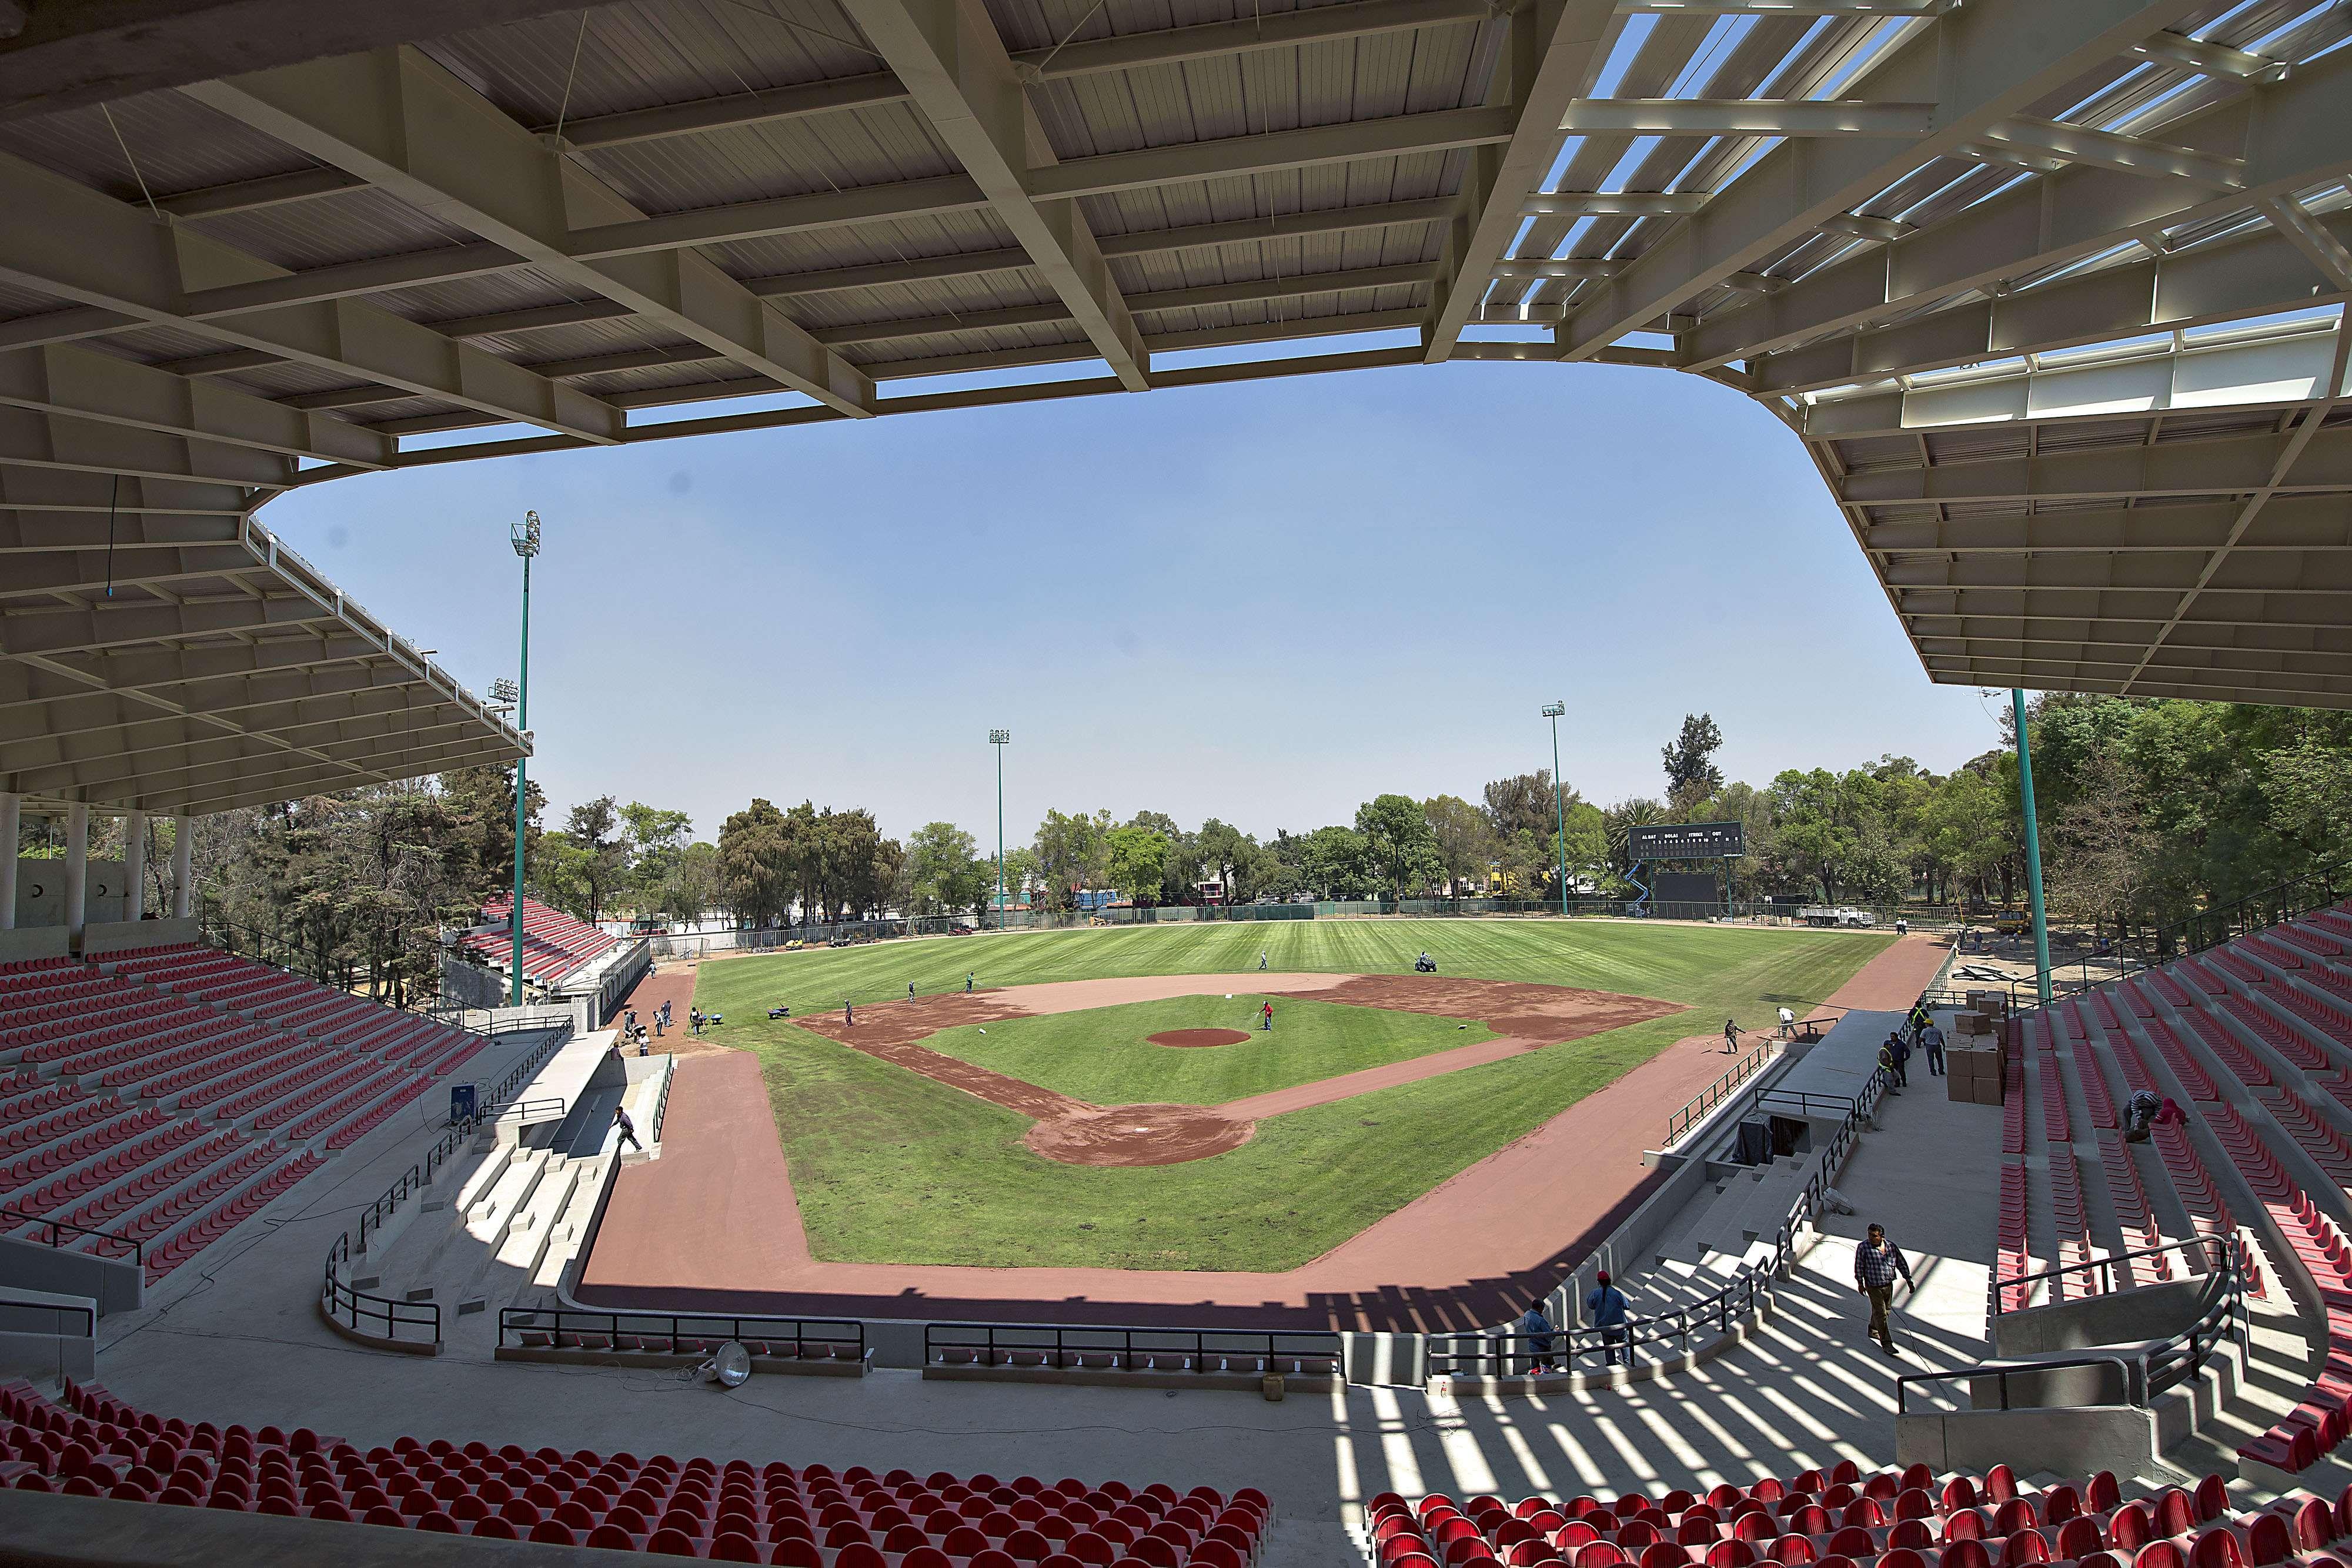 El estadio Fray Nano, nueva casa de los Diablos Rojos del México, toma forma y estará listo para la temporada 2015, donde los pingos buscar el bicampeonato de la Liga Mexicana de Beisbol. Foto: Mexsport